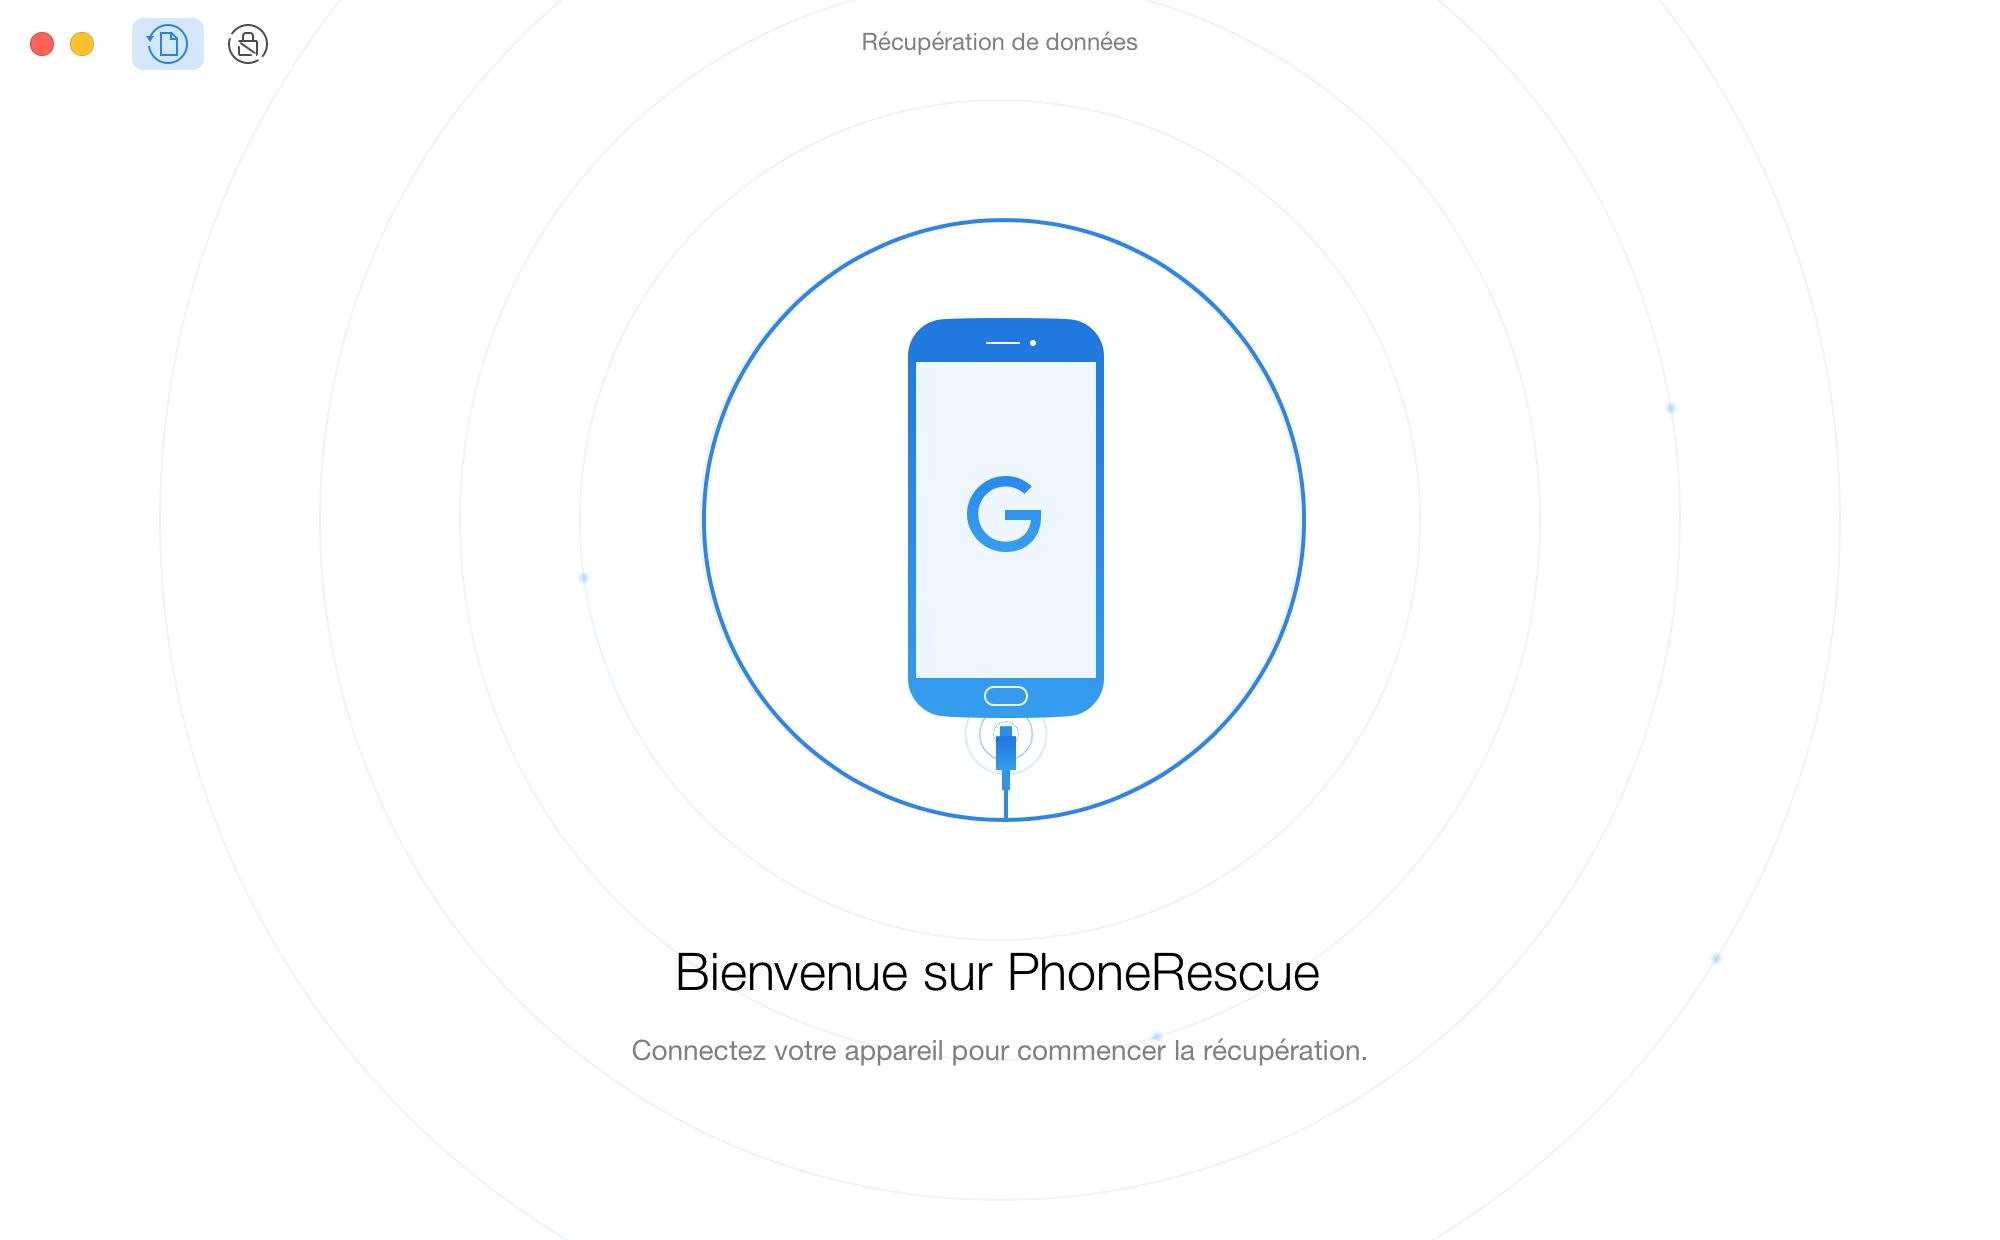 Branchez votre appareil Android